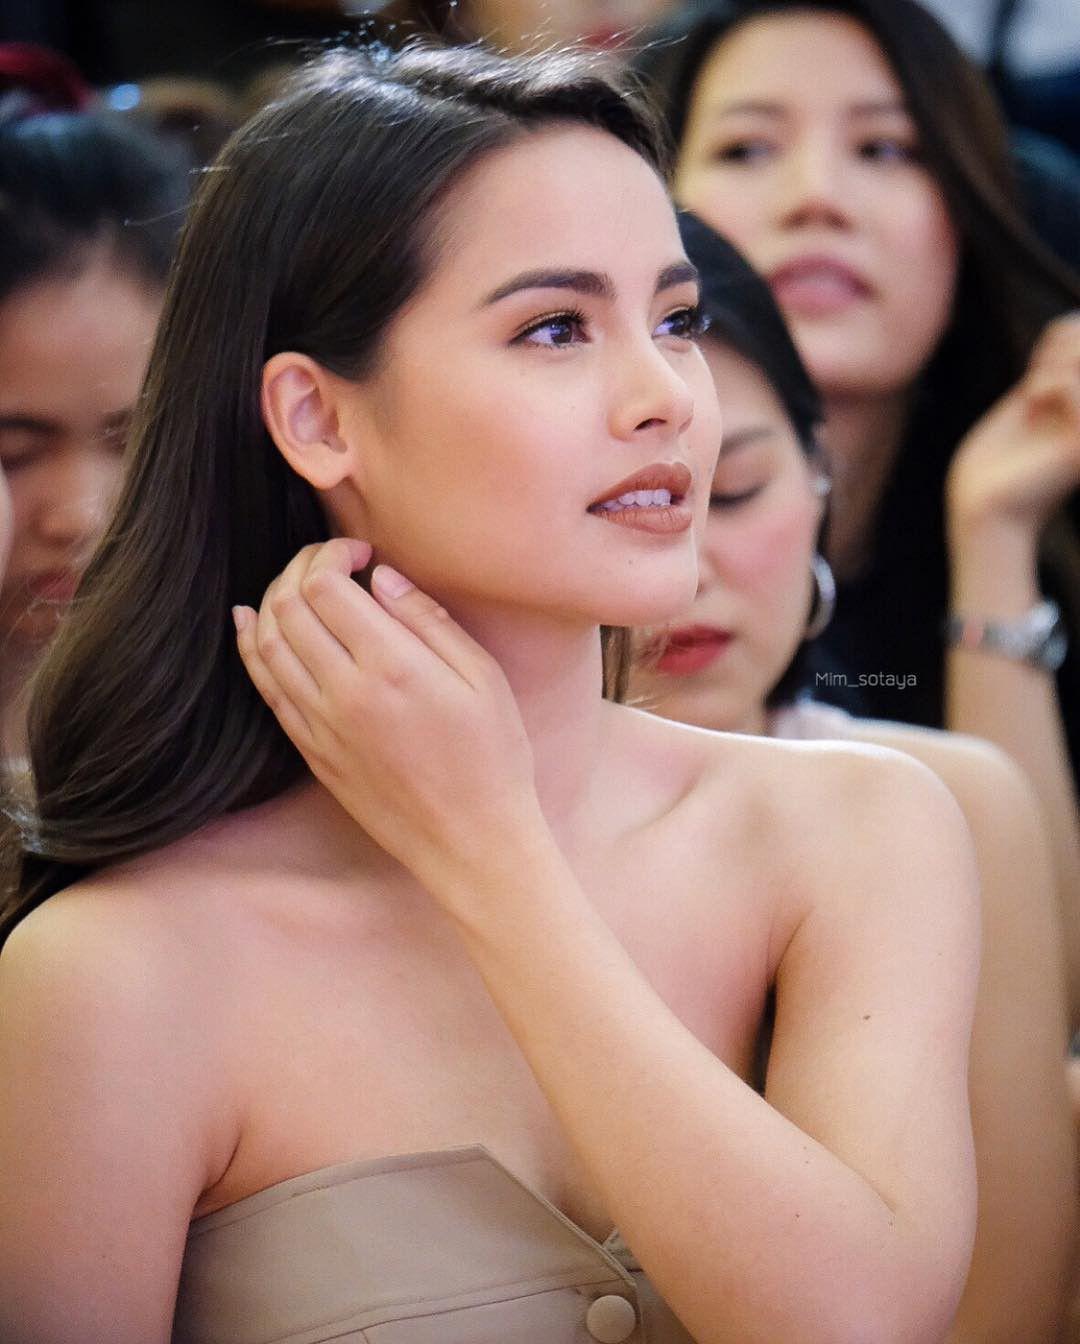 Top sao nữ đình đám Thái Lan có mũi đẹp nhất khiến chị em ghen tị (21)